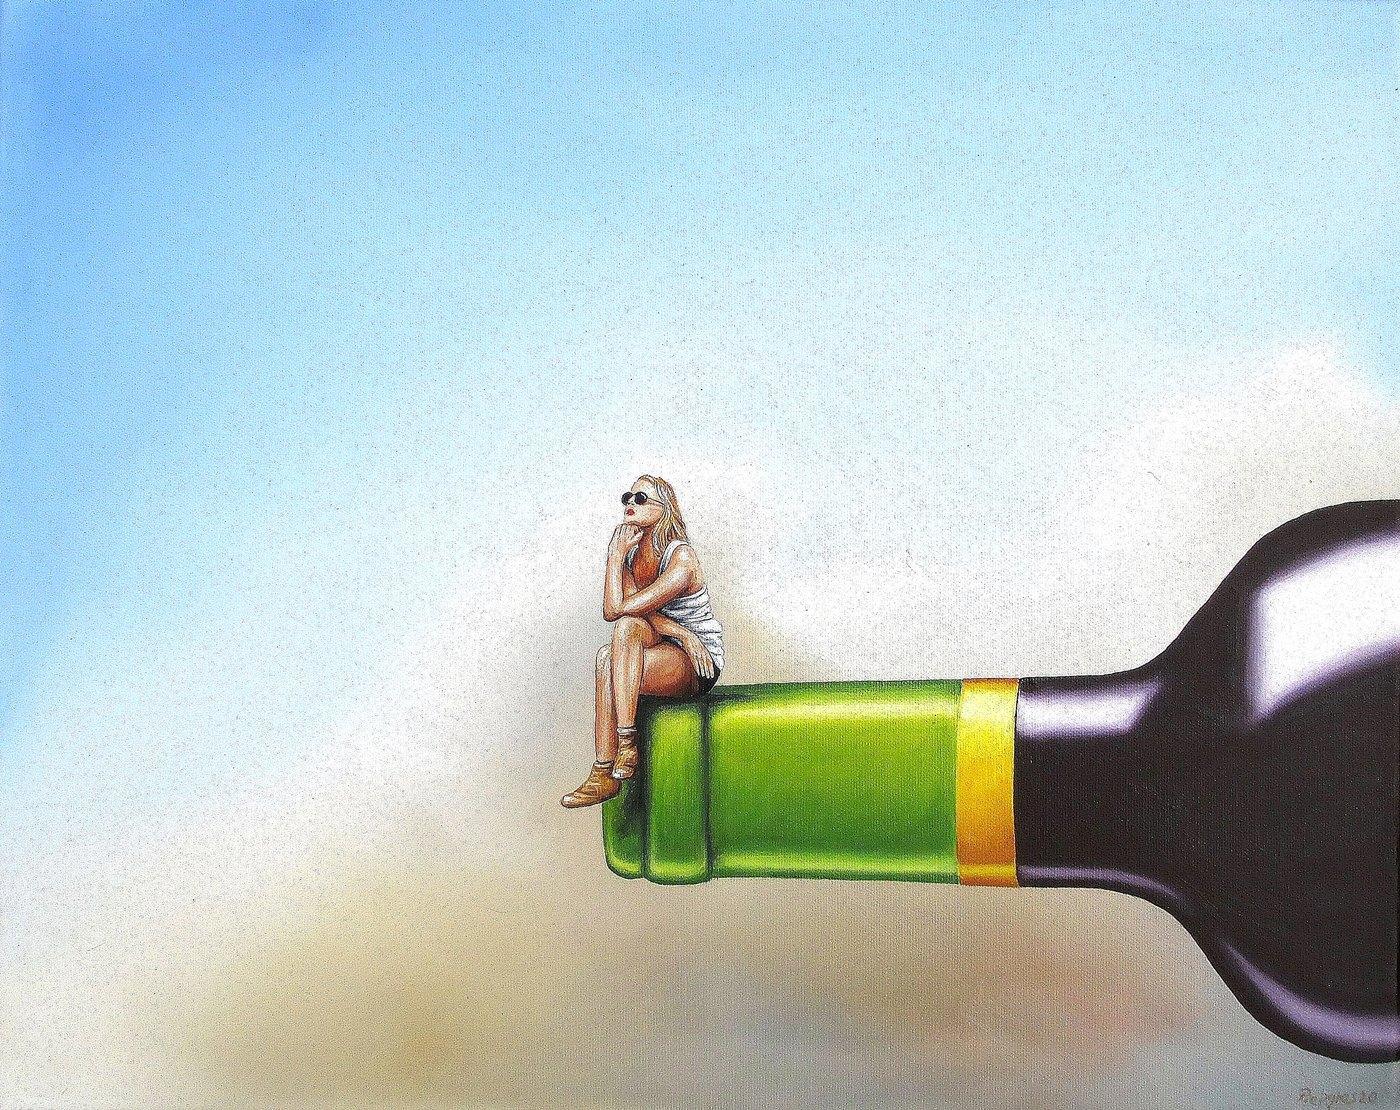 Denk-Mal 40 x 50 cm Öl, Acryl auf Leinwand